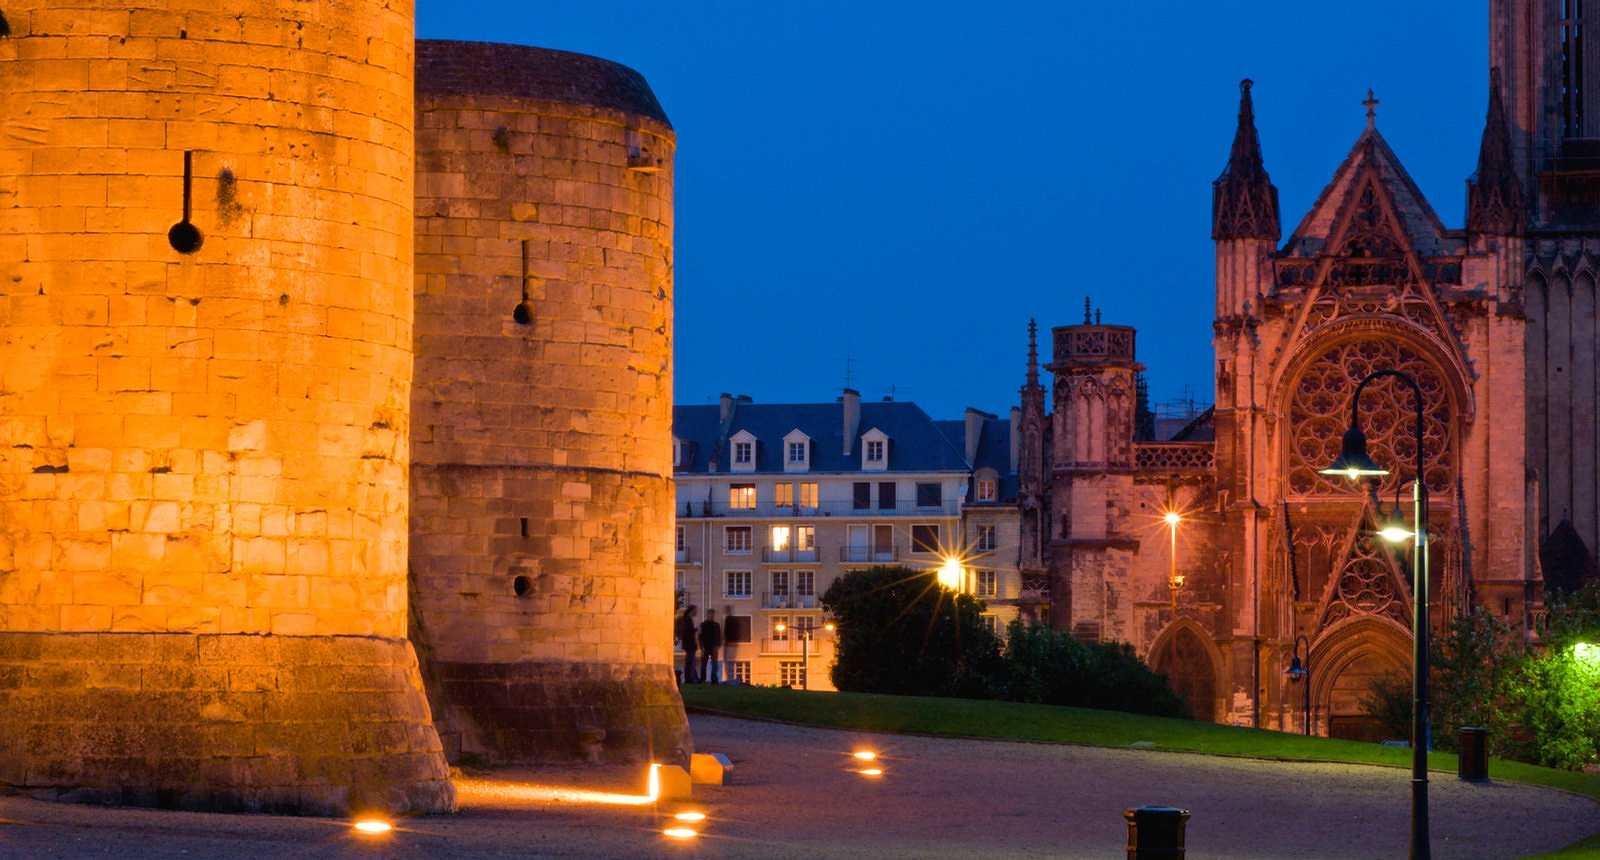 Lumières sur le Château de Caen et l'église Saint-Pierre